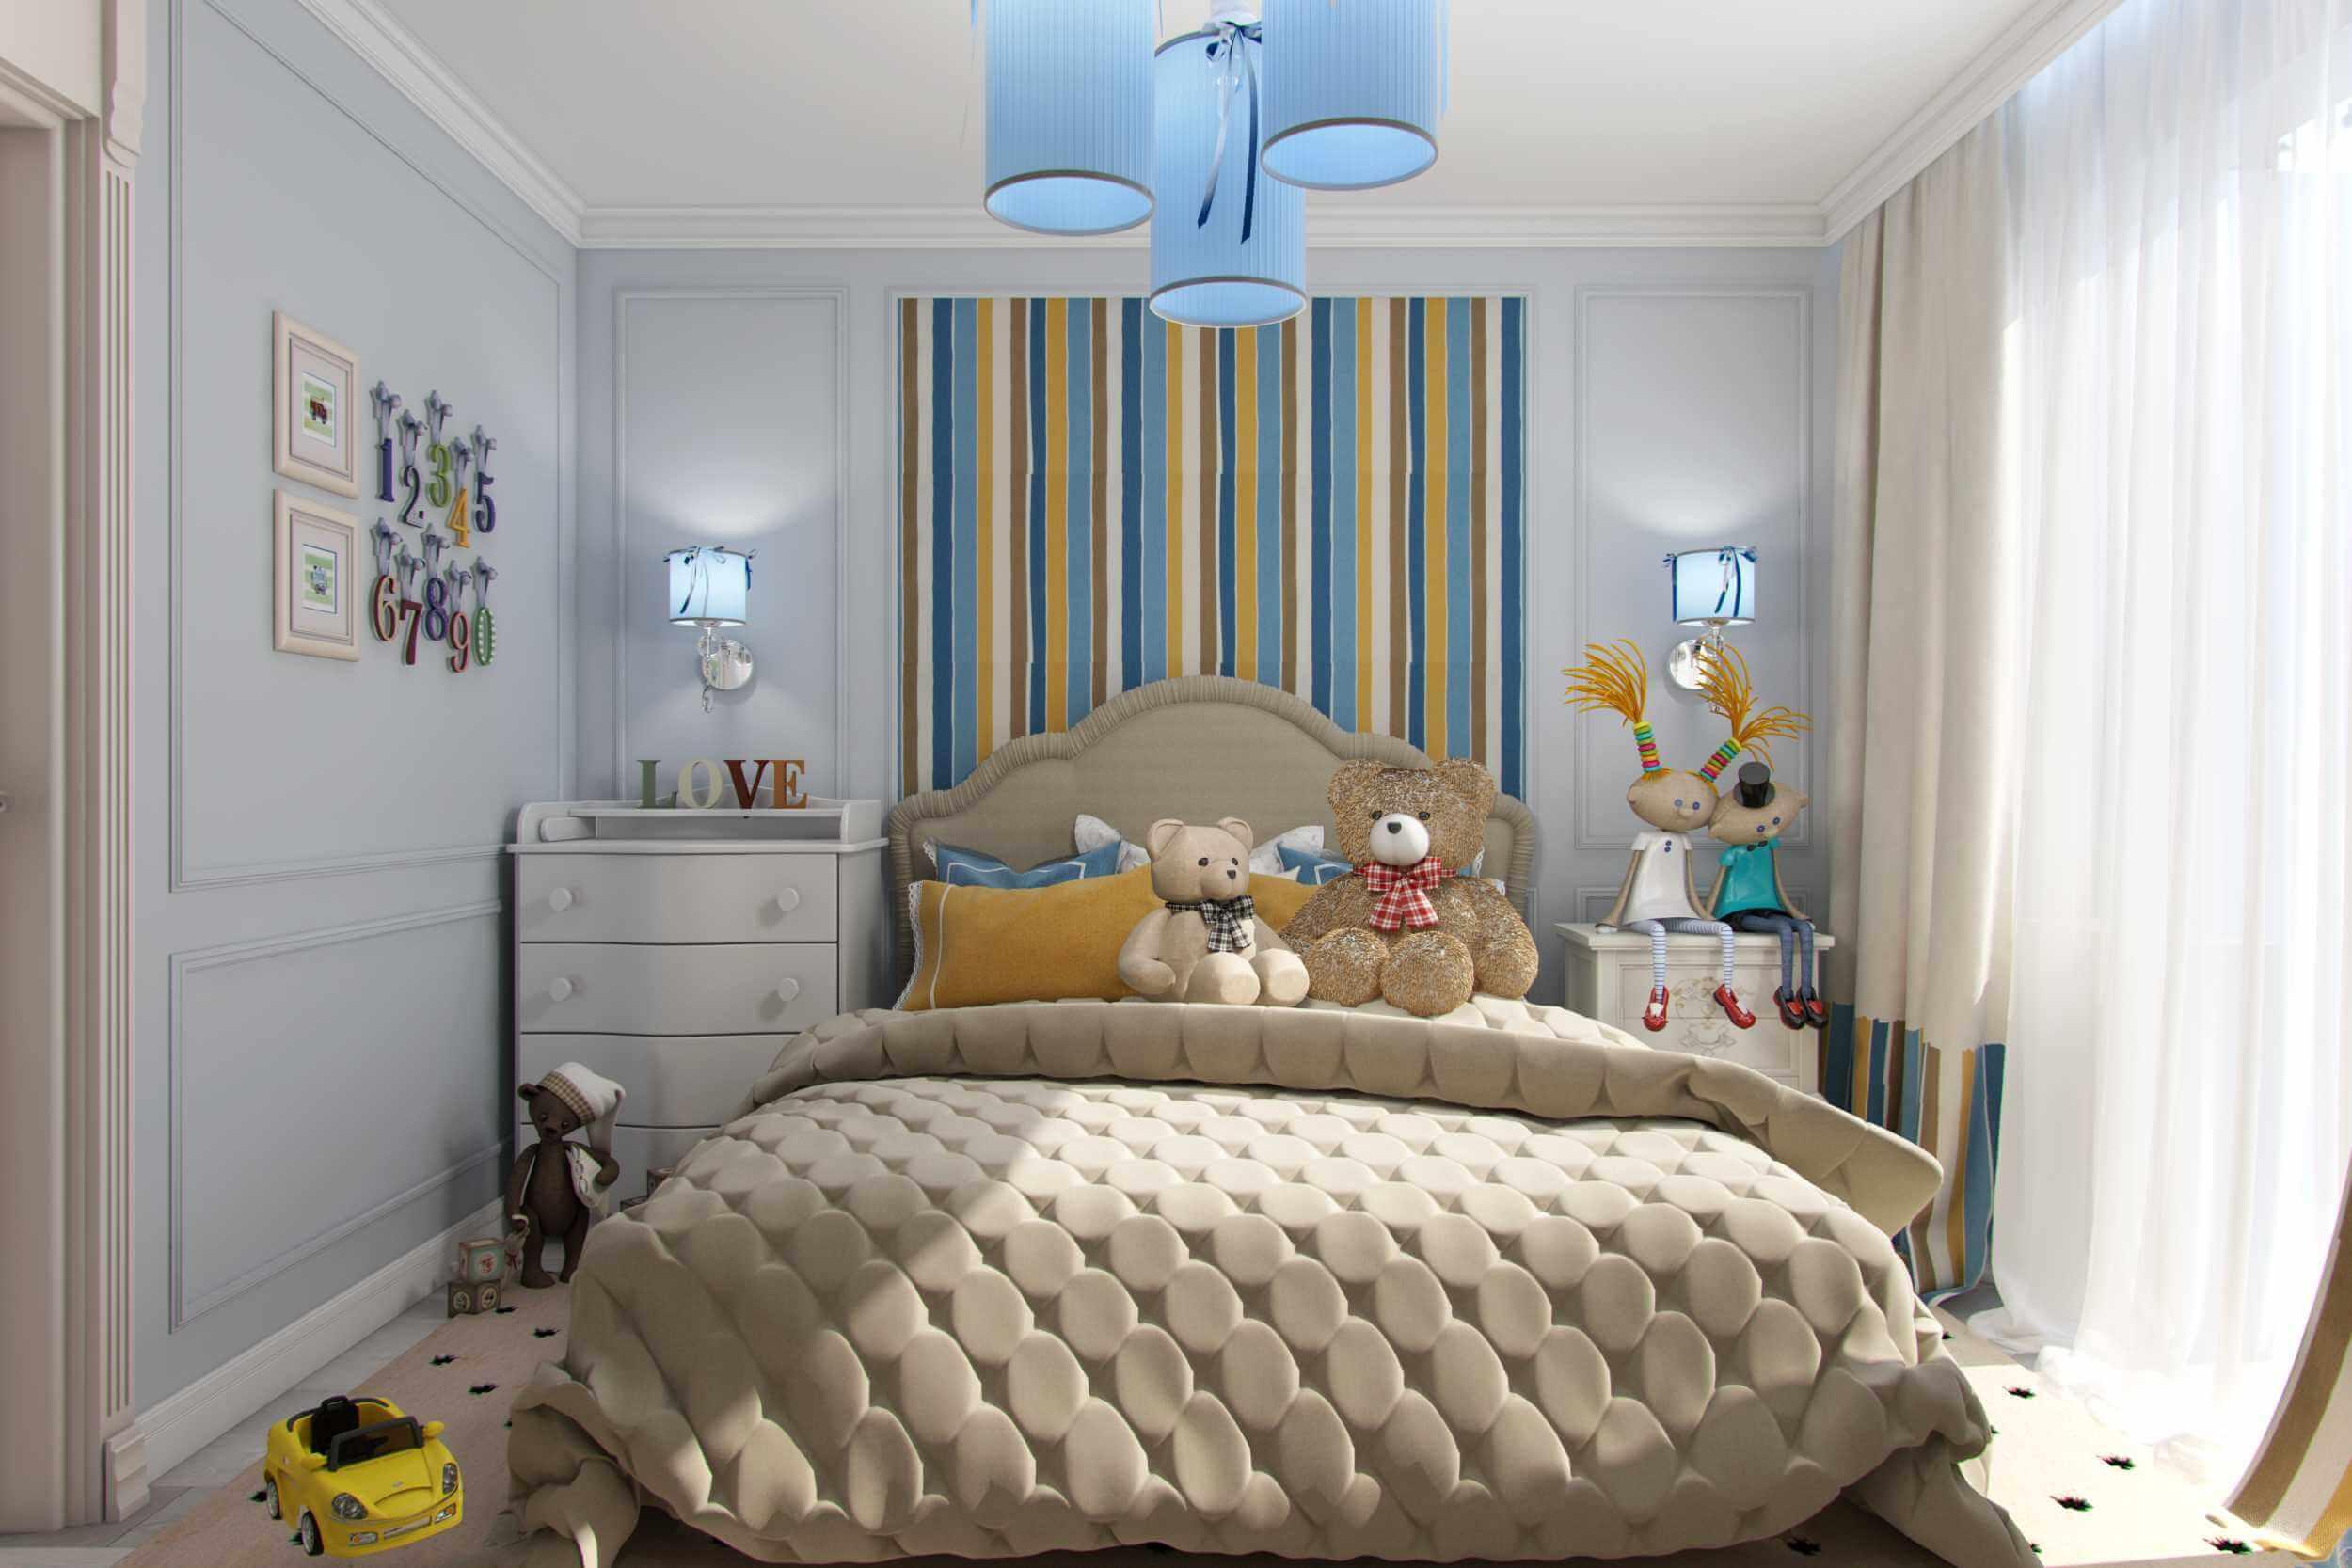 дизайн детской комнаты в новостройке